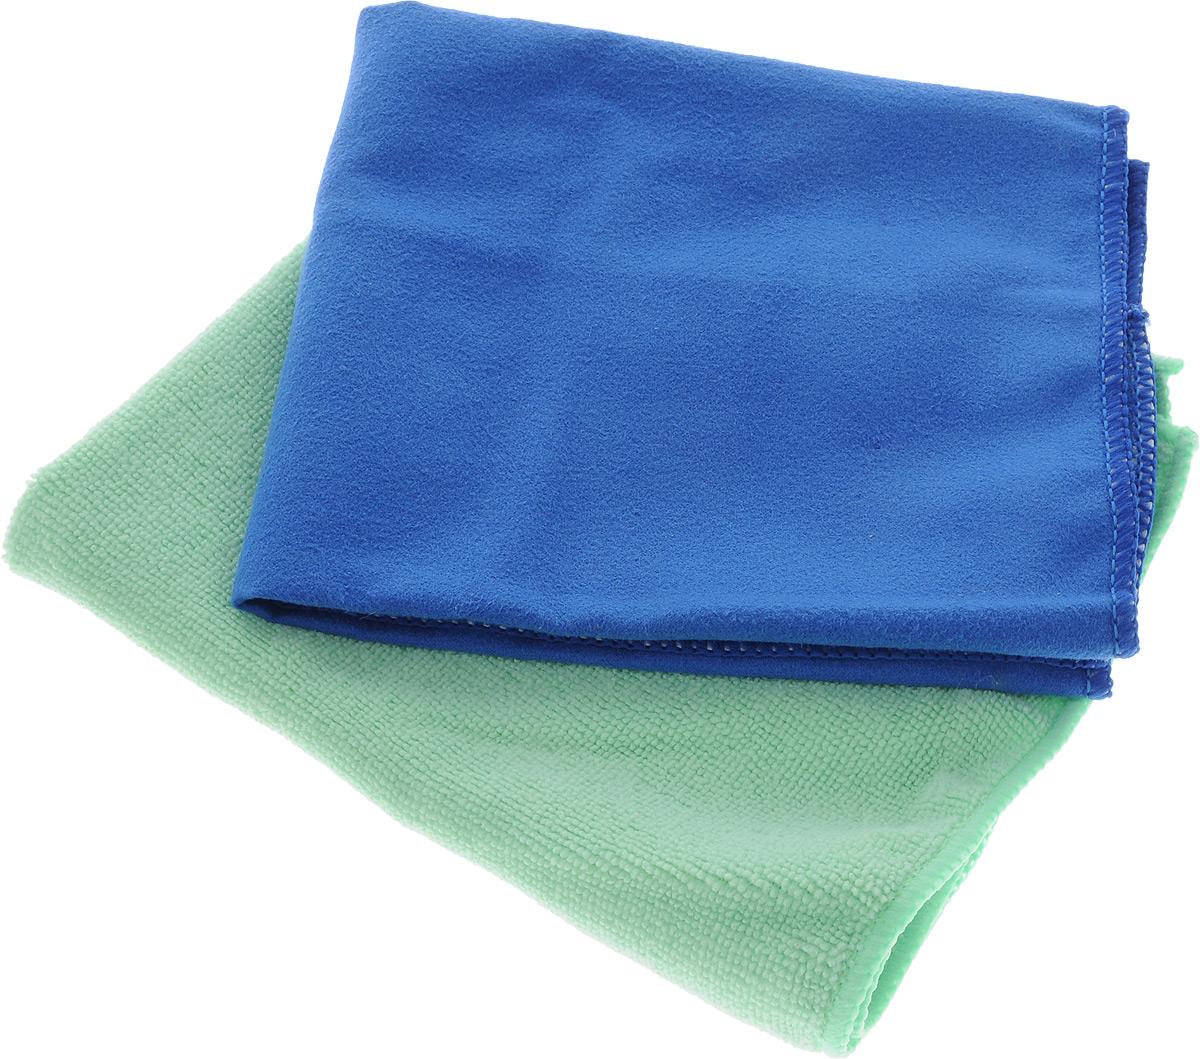 Салфетка чистящая Sapfire Cleaning Сloth & Suede, цвет: синий, салатовый, 35 х 40 см, 2 шт3069-SFM_синий, салатовыйБлагодаря своей уникальной ворсовой структуре, салфетки Sapfire Cleaning Сloth & Suede прекрасно подходят для мытья и полировки автомобиля. Материал салфеток: микрофибра (85% полиэстер и 15% полиамид), обладает уникальной способностью быстро впитывать большой объем жидкости.Клиновидные микроскопические волокна захватывают и легко удерживают частички пыли, жировой и никотиновый налет, микроорганизмы, в том числе болезнетворные и вызывающие аллергию. Протертая поверхность становится идеально чистой, сухой, блестящей, без разводов и ворсинок.Допускается машинная и ручная стирка слабым моющим раствором в теплой воде.Отбеливание и глажка запрещены.Размер салфеток: 35 х 40 см.